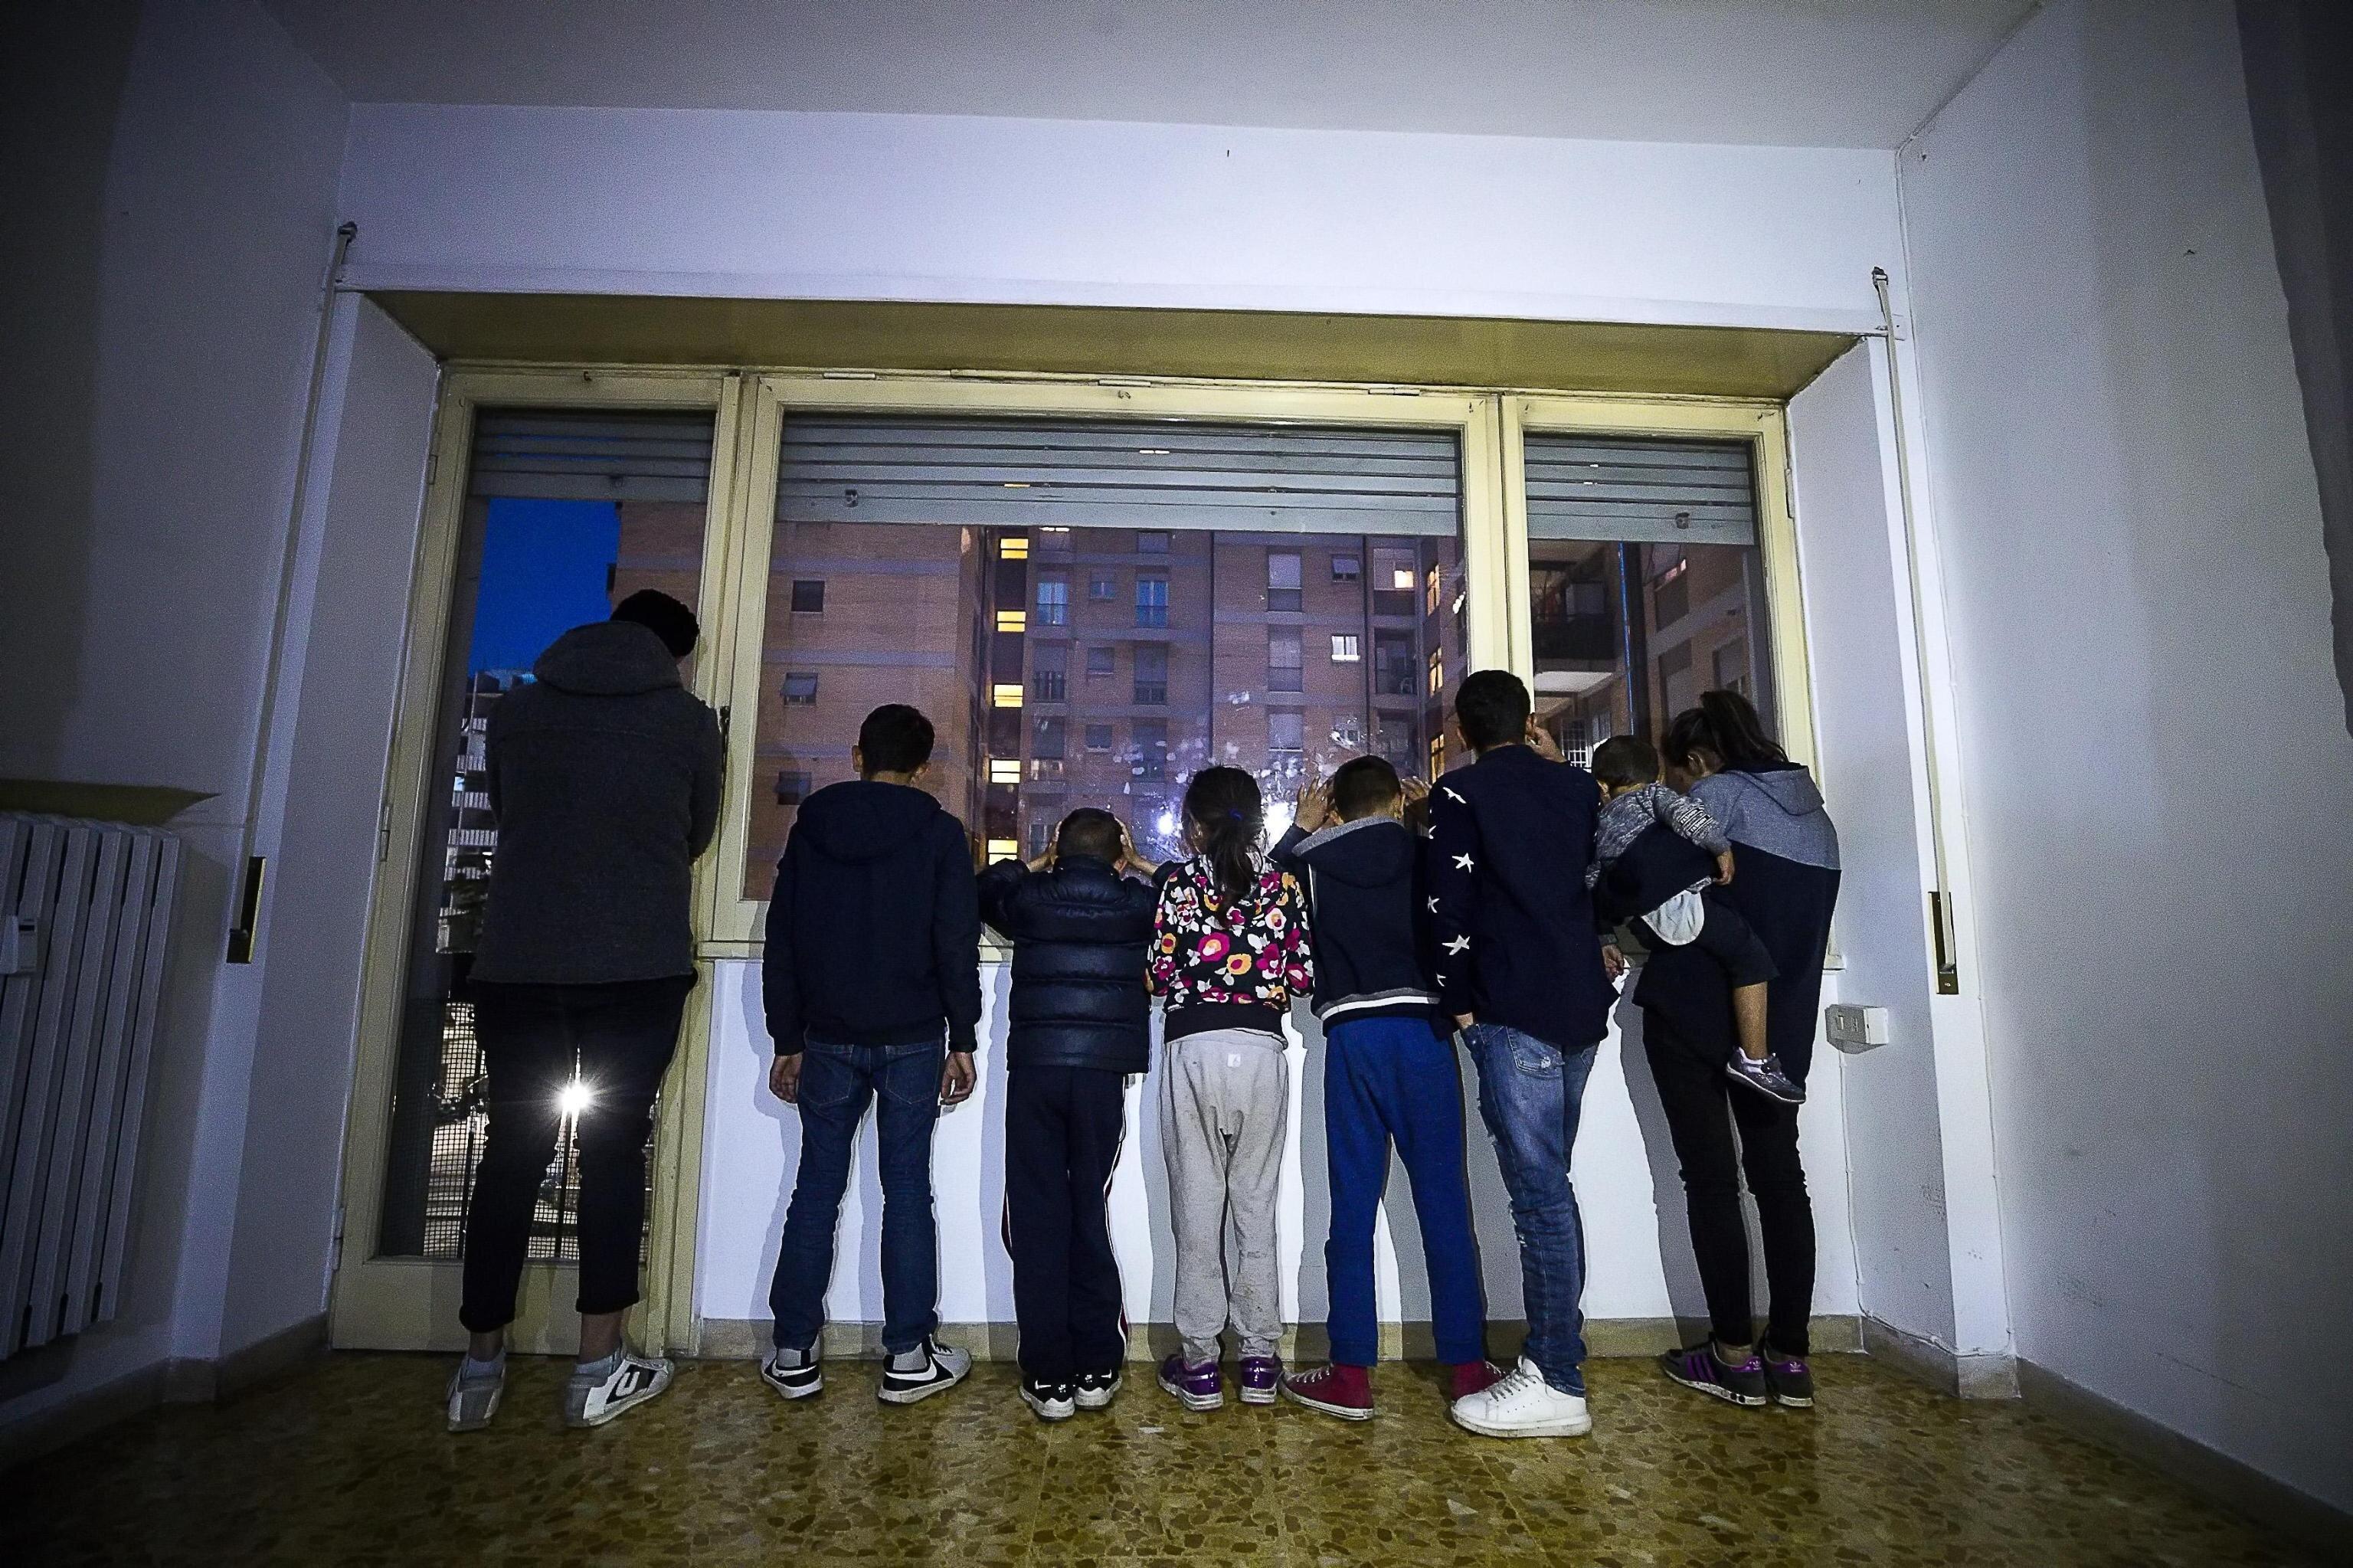 Procedura Ue contro la Regione Lazio per discriminazione ai rom sulle case